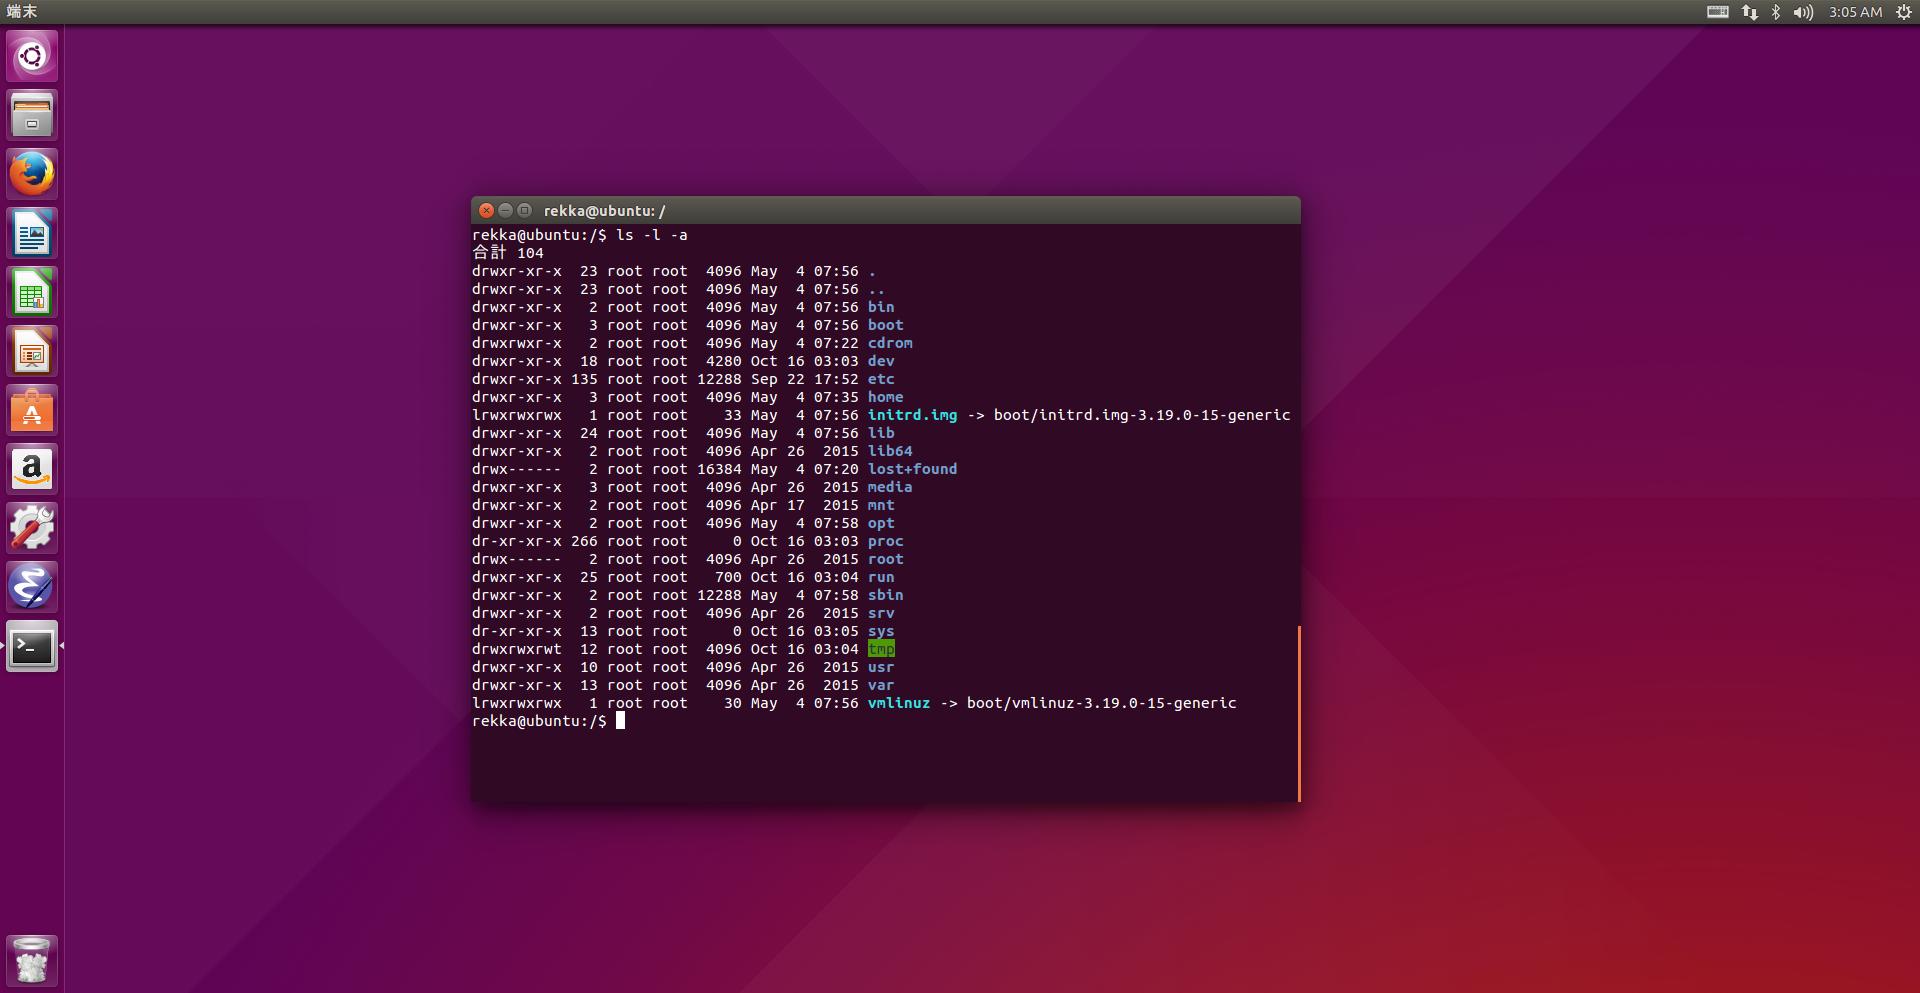 Linux Ubuntu 15 Desktop